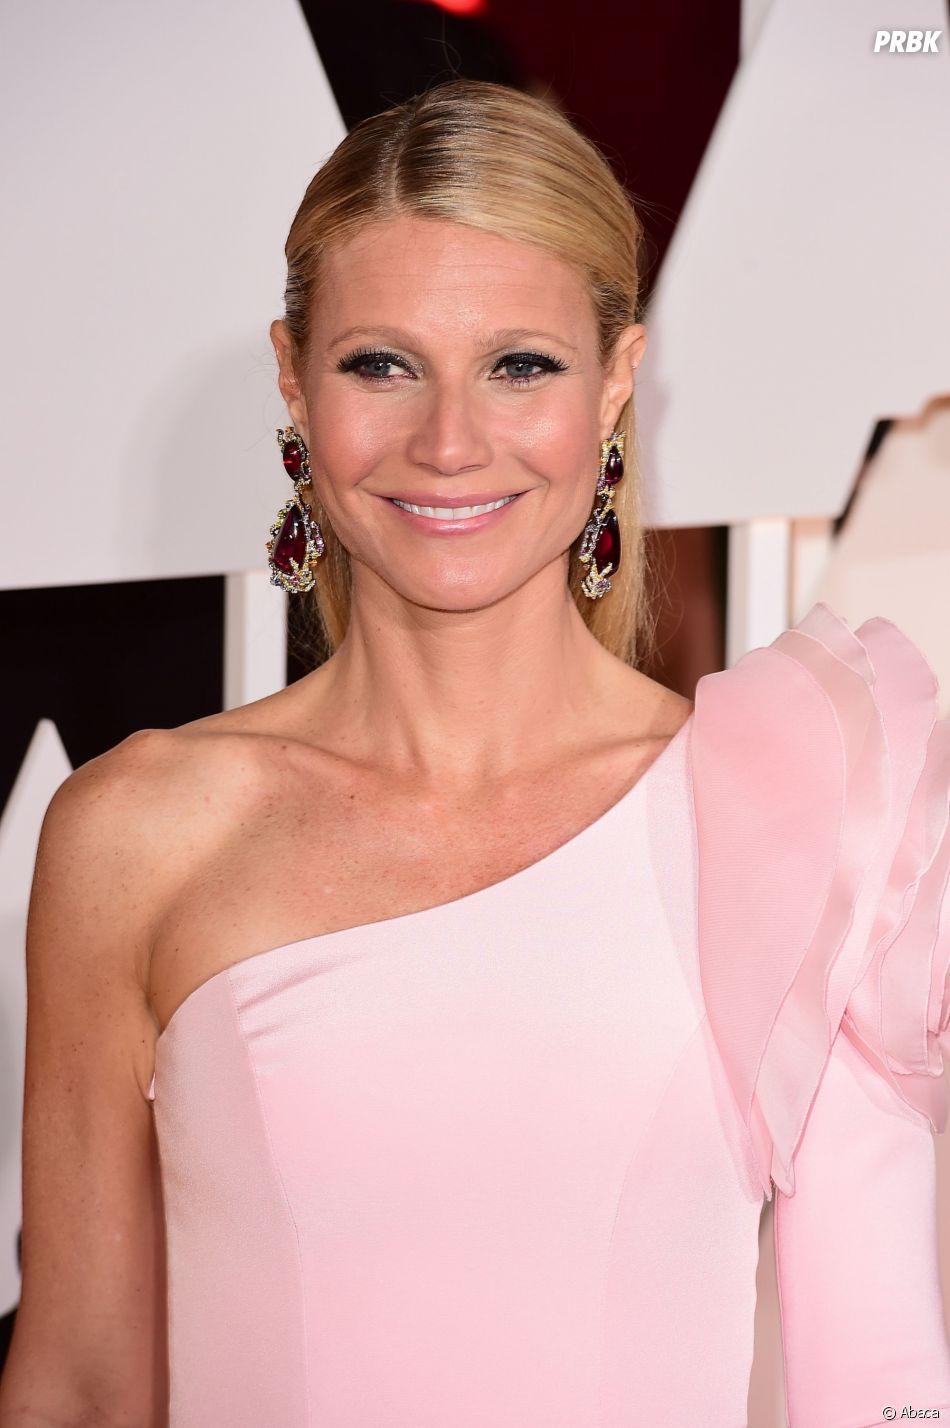 Harvey Weinstein : le producteur star de Hollywood accusé de harcèlement sexuel, d'agression et de viol. Gwyneth Paltrow témoigne.